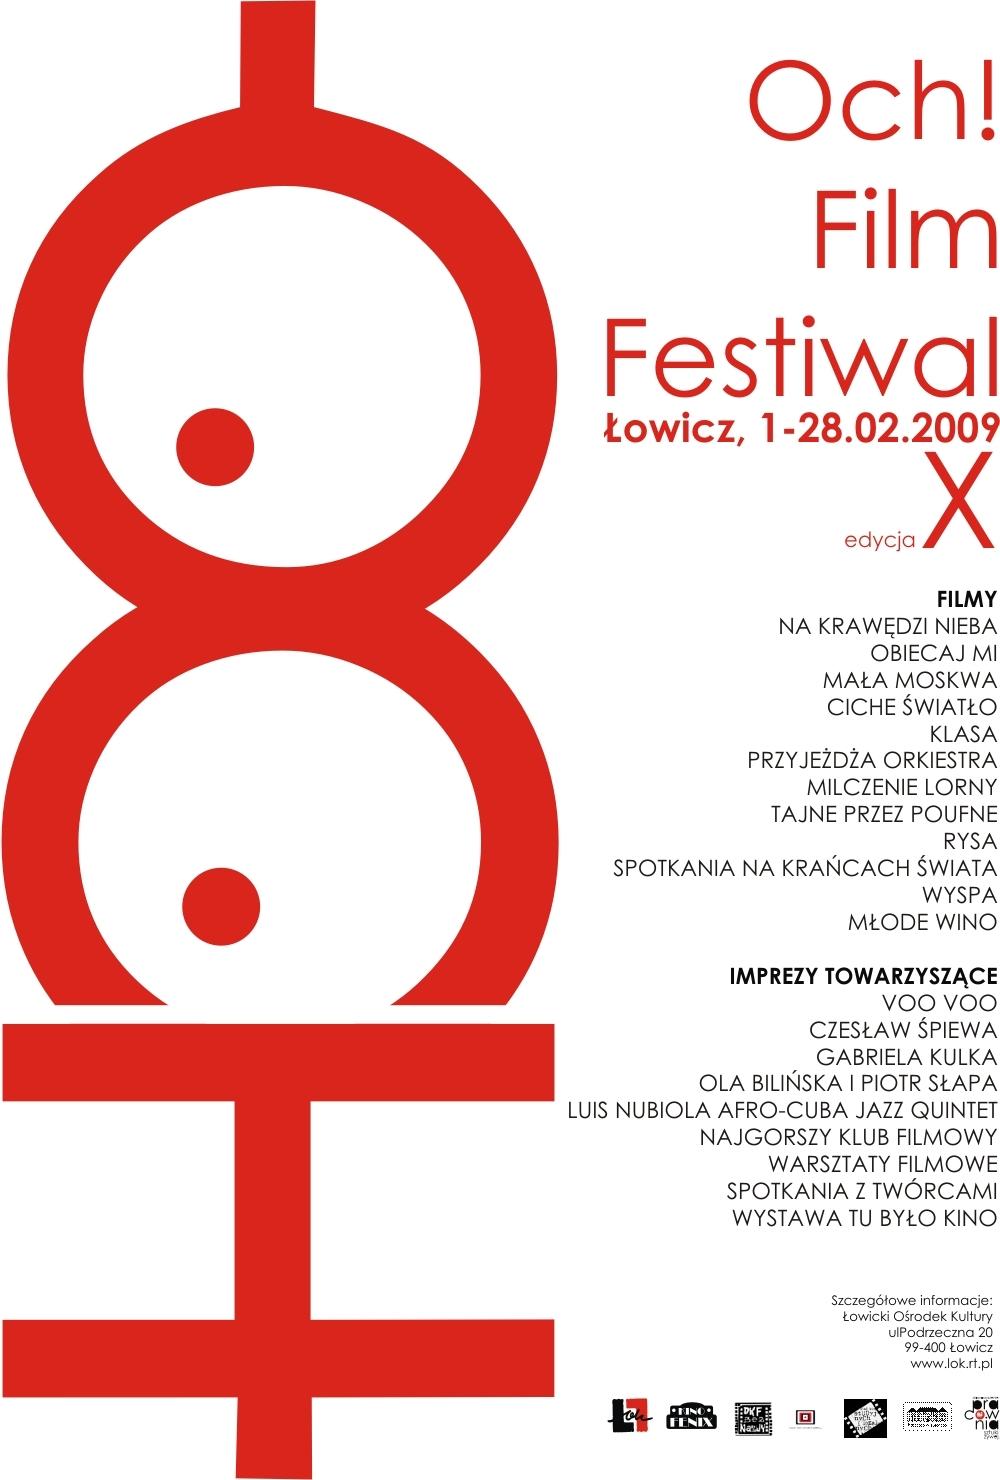 OCH! Film Festiwal 2009